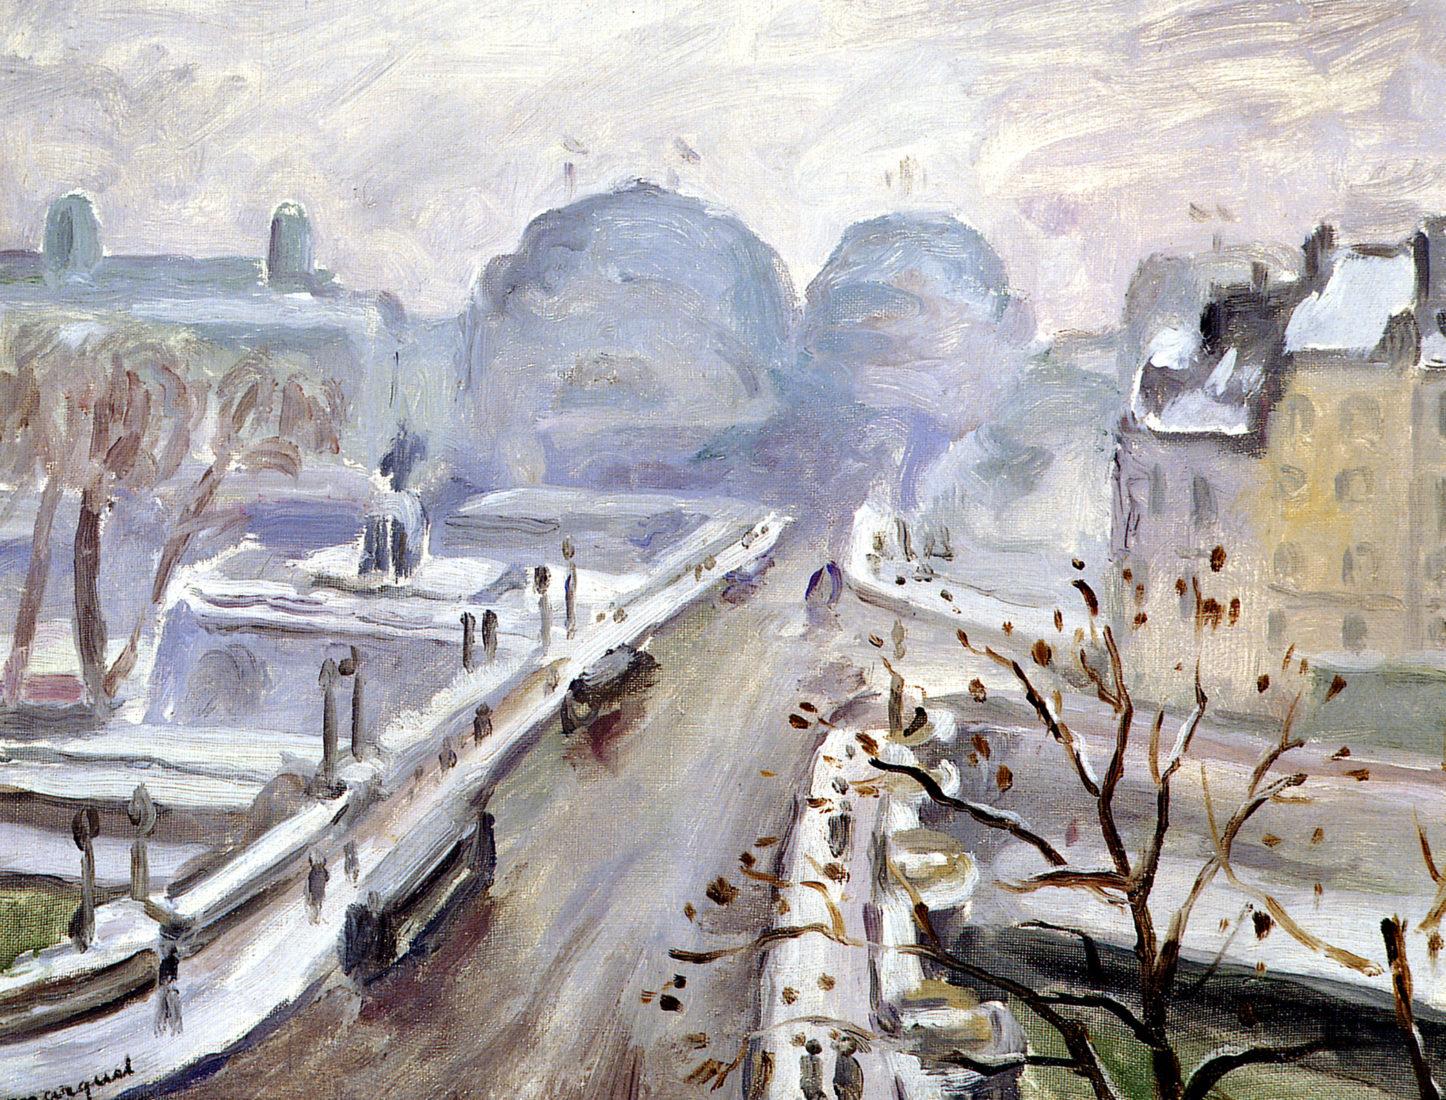 Le Cannet AlbertMarquet,Pont Neuf sous la neige,